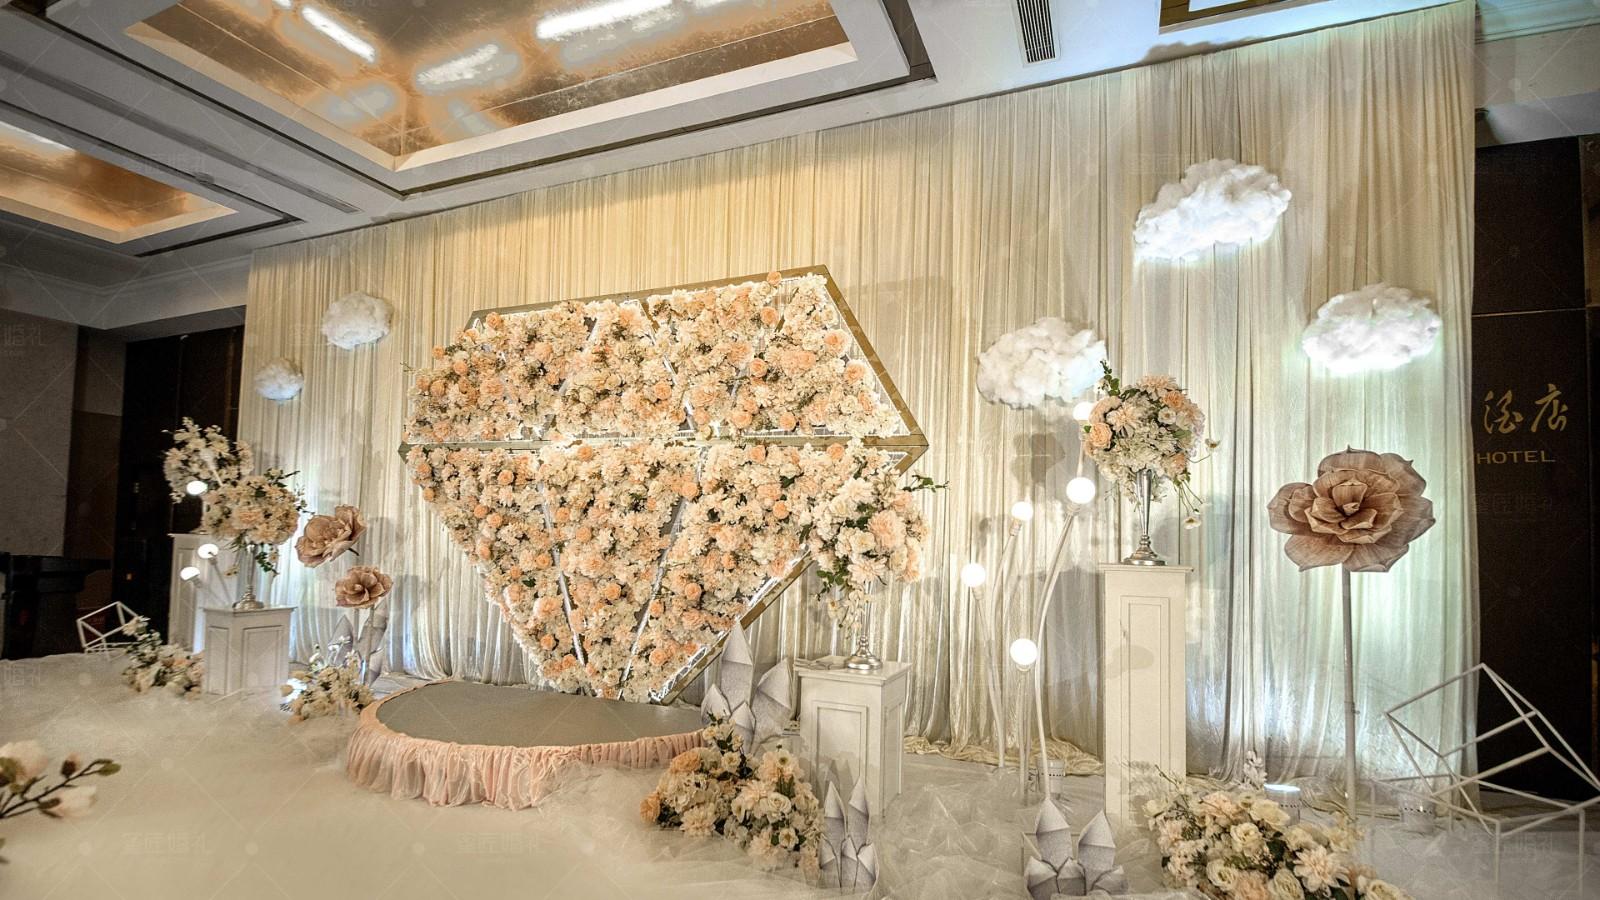 浪漫婚礼现场布置方法 婚礼现场布置效果图浪漫